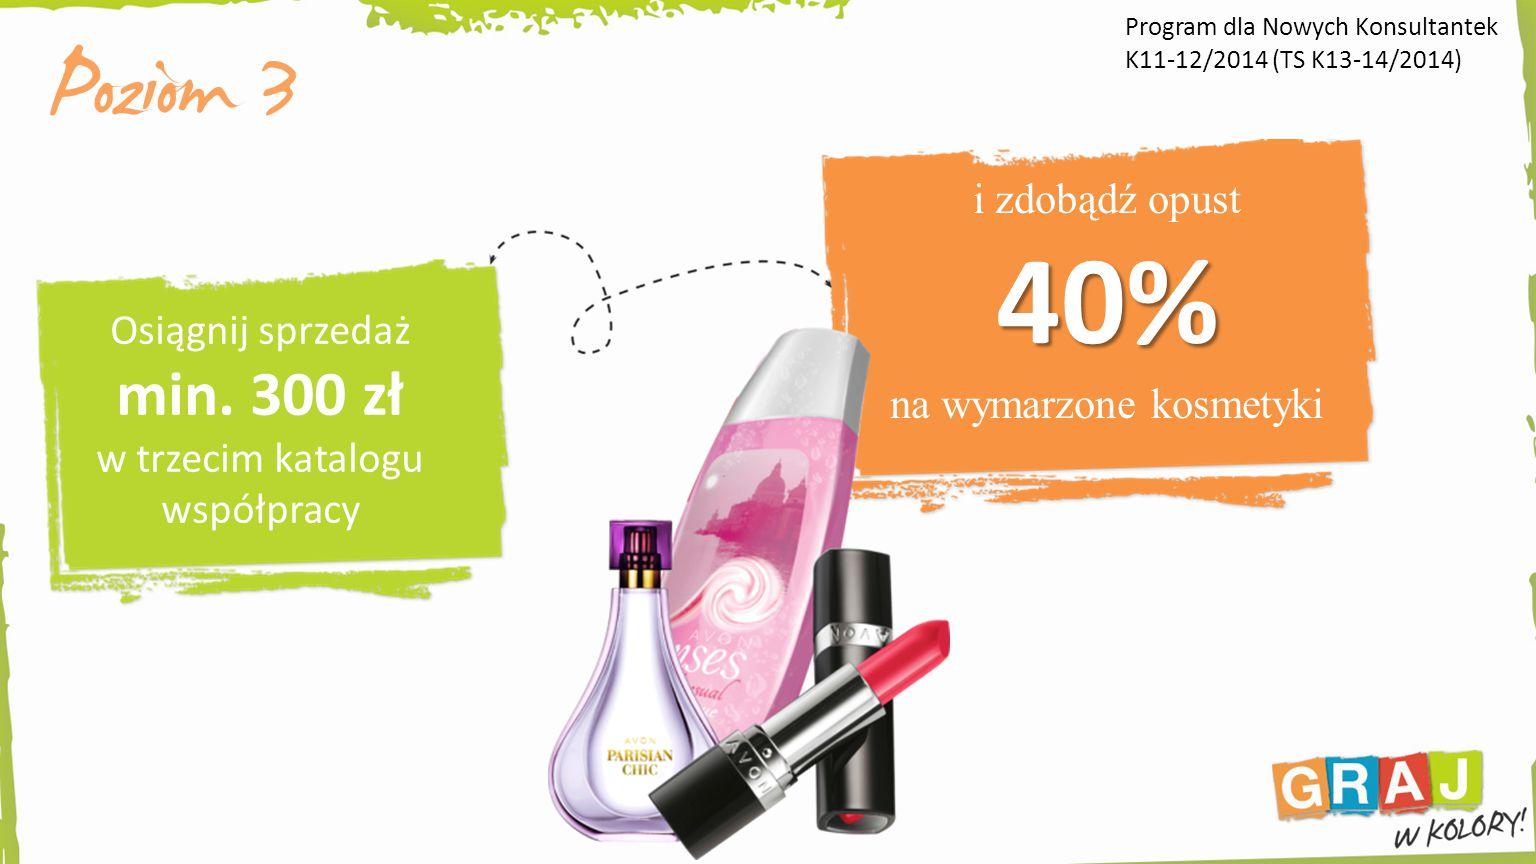 na wymarzone kosmetyki Osiągnij sprzedaż min. 300 zł